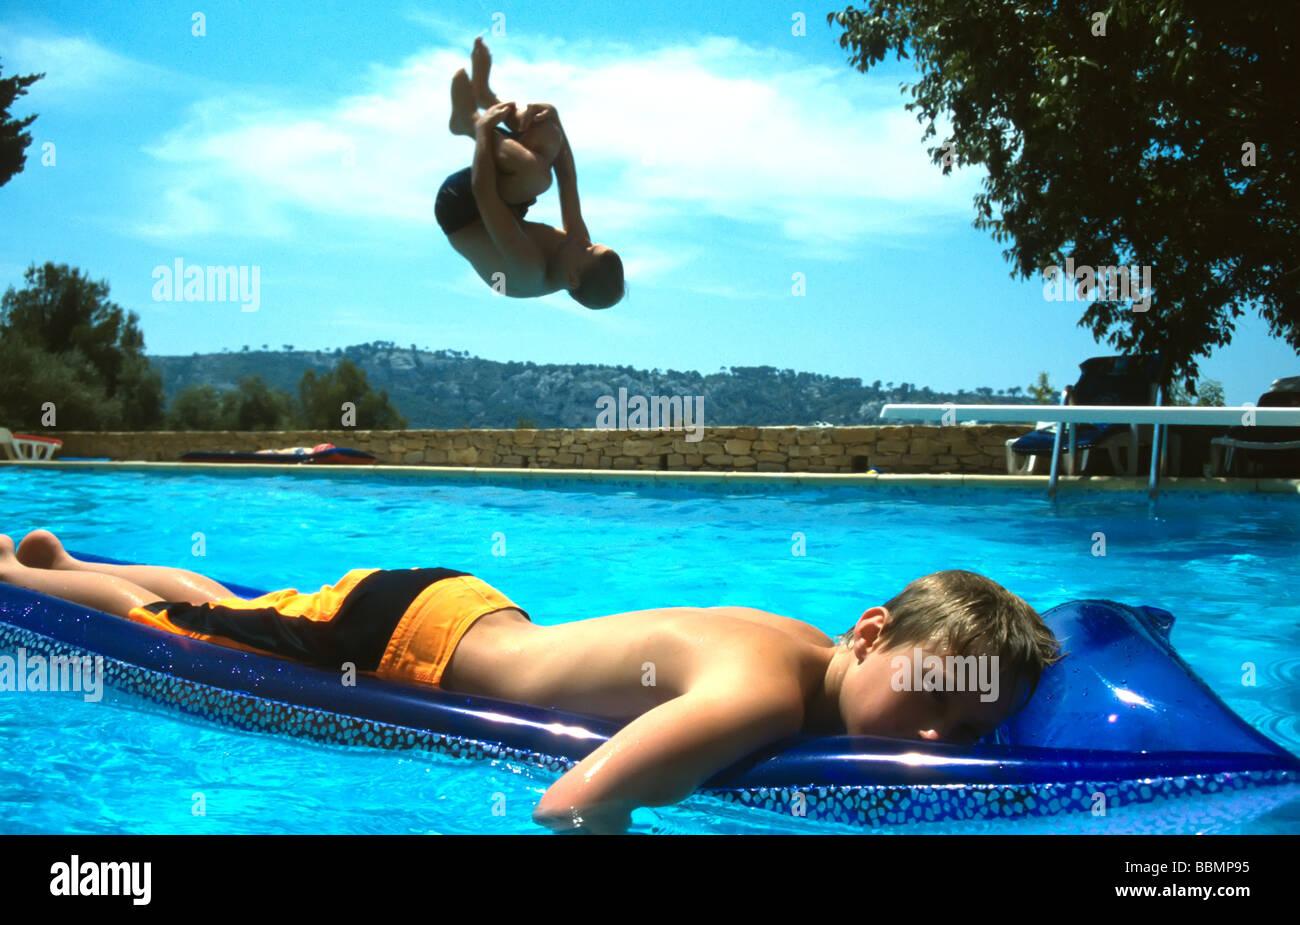 Niños jugando en la piscina de la villa Provence, Sur de Francia. Imagen De Stock